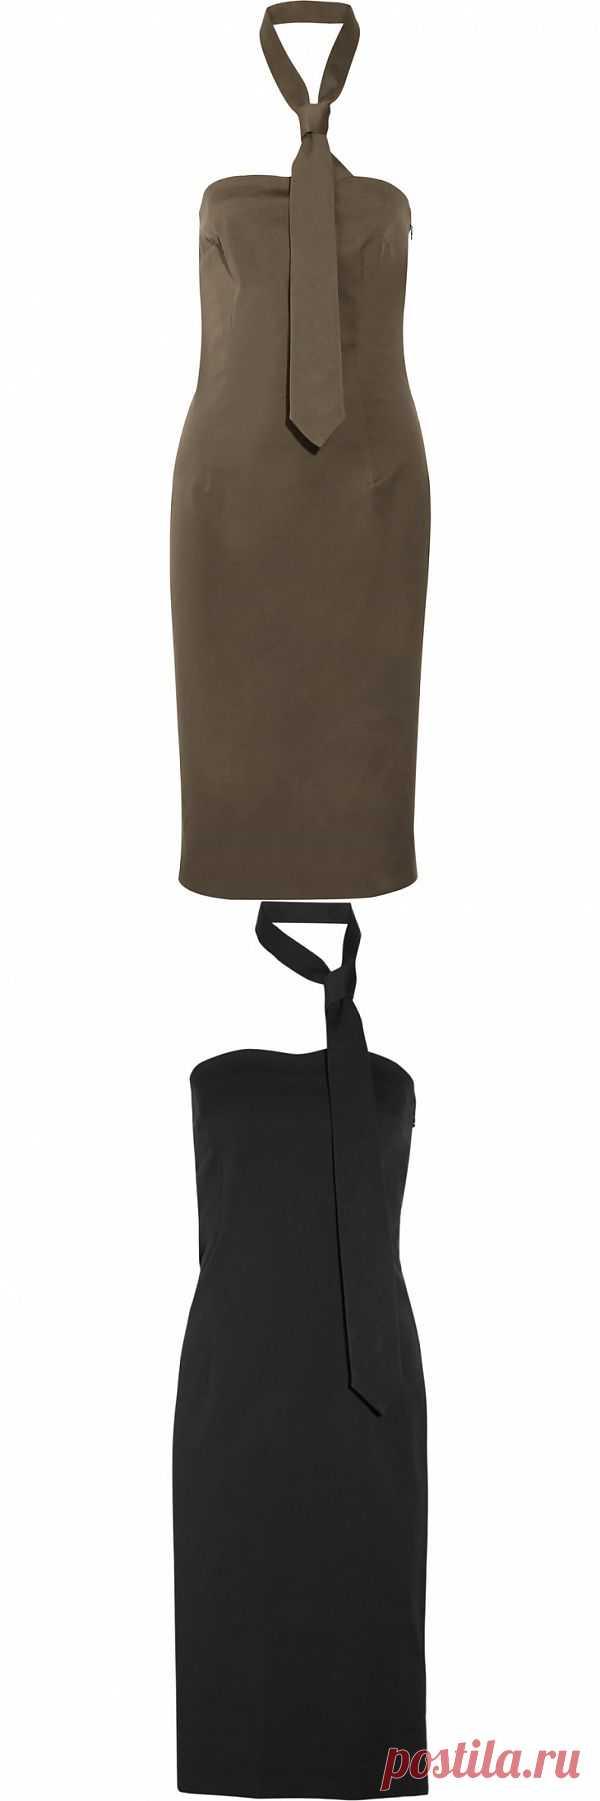 Платье+галстук МММ / Вещь / Модный сайт о стильной переделке одежды и интерьера